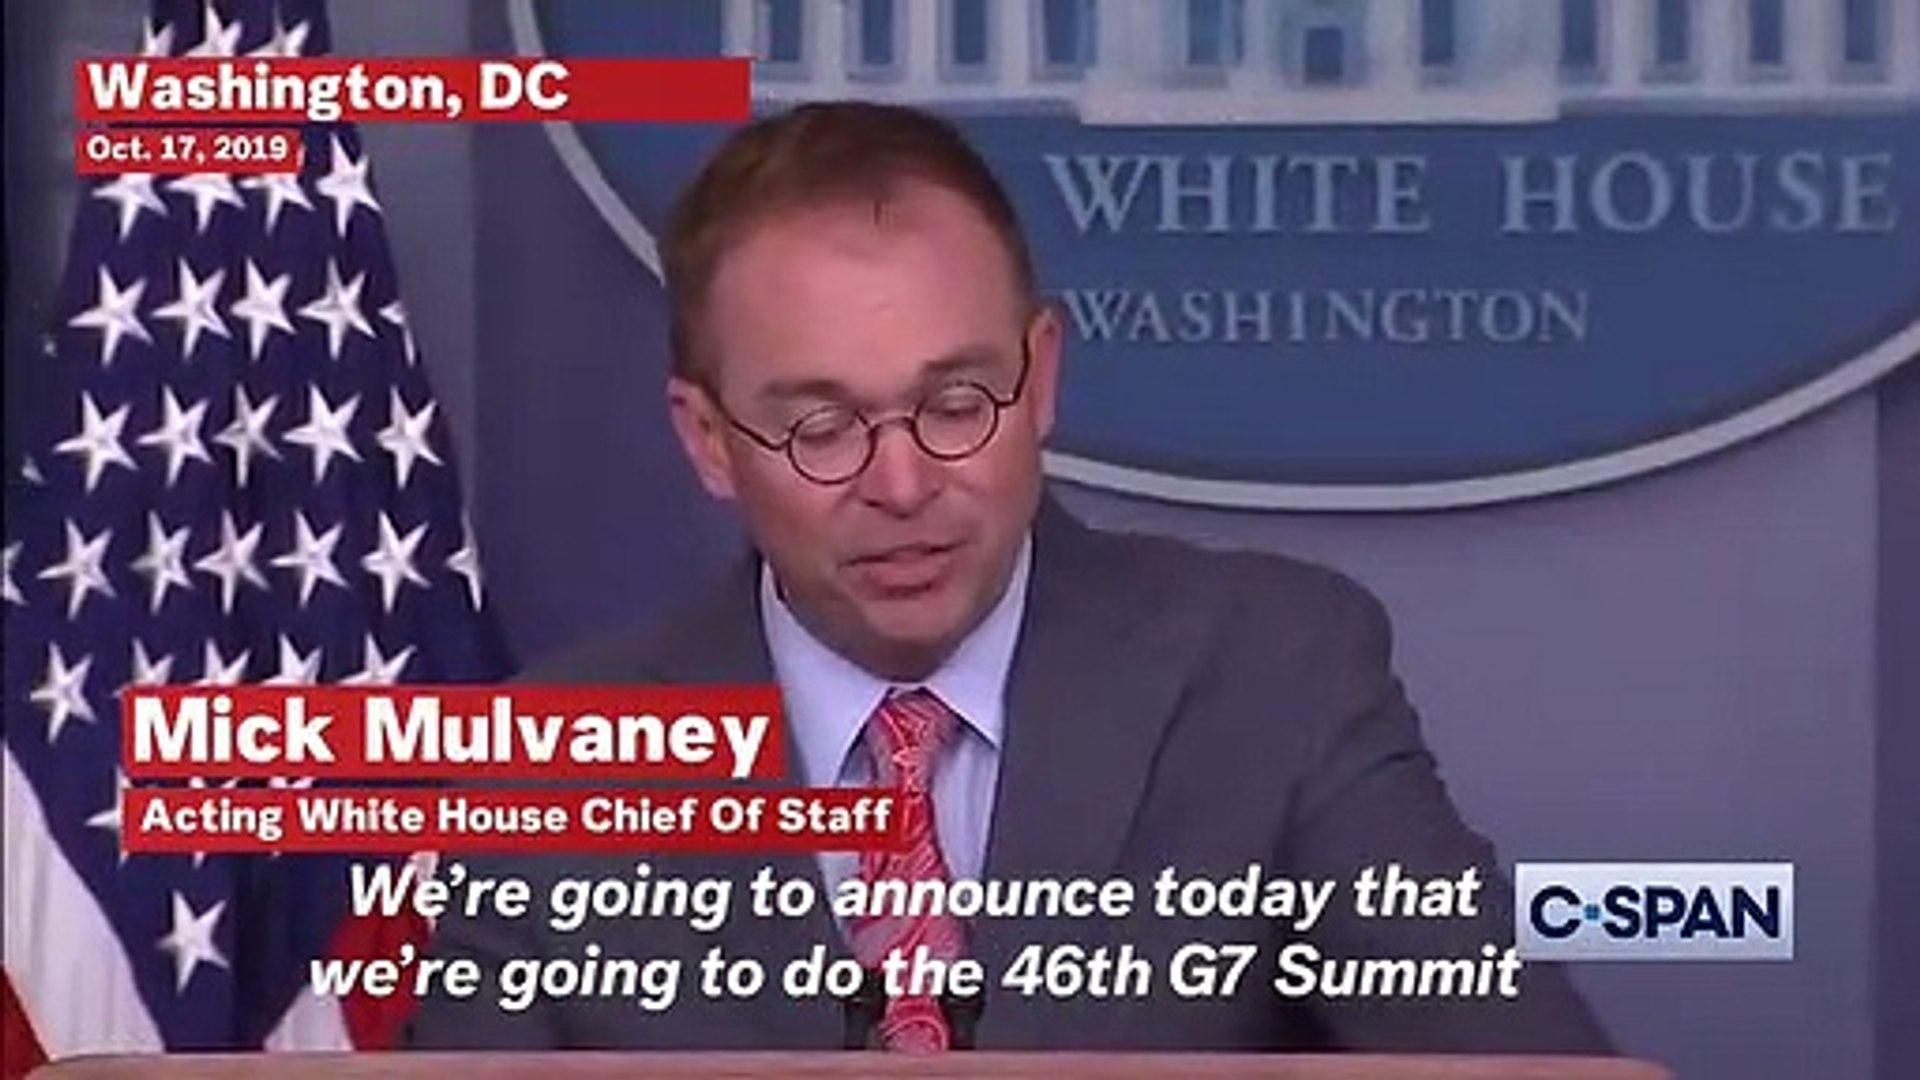 46th G7 summit